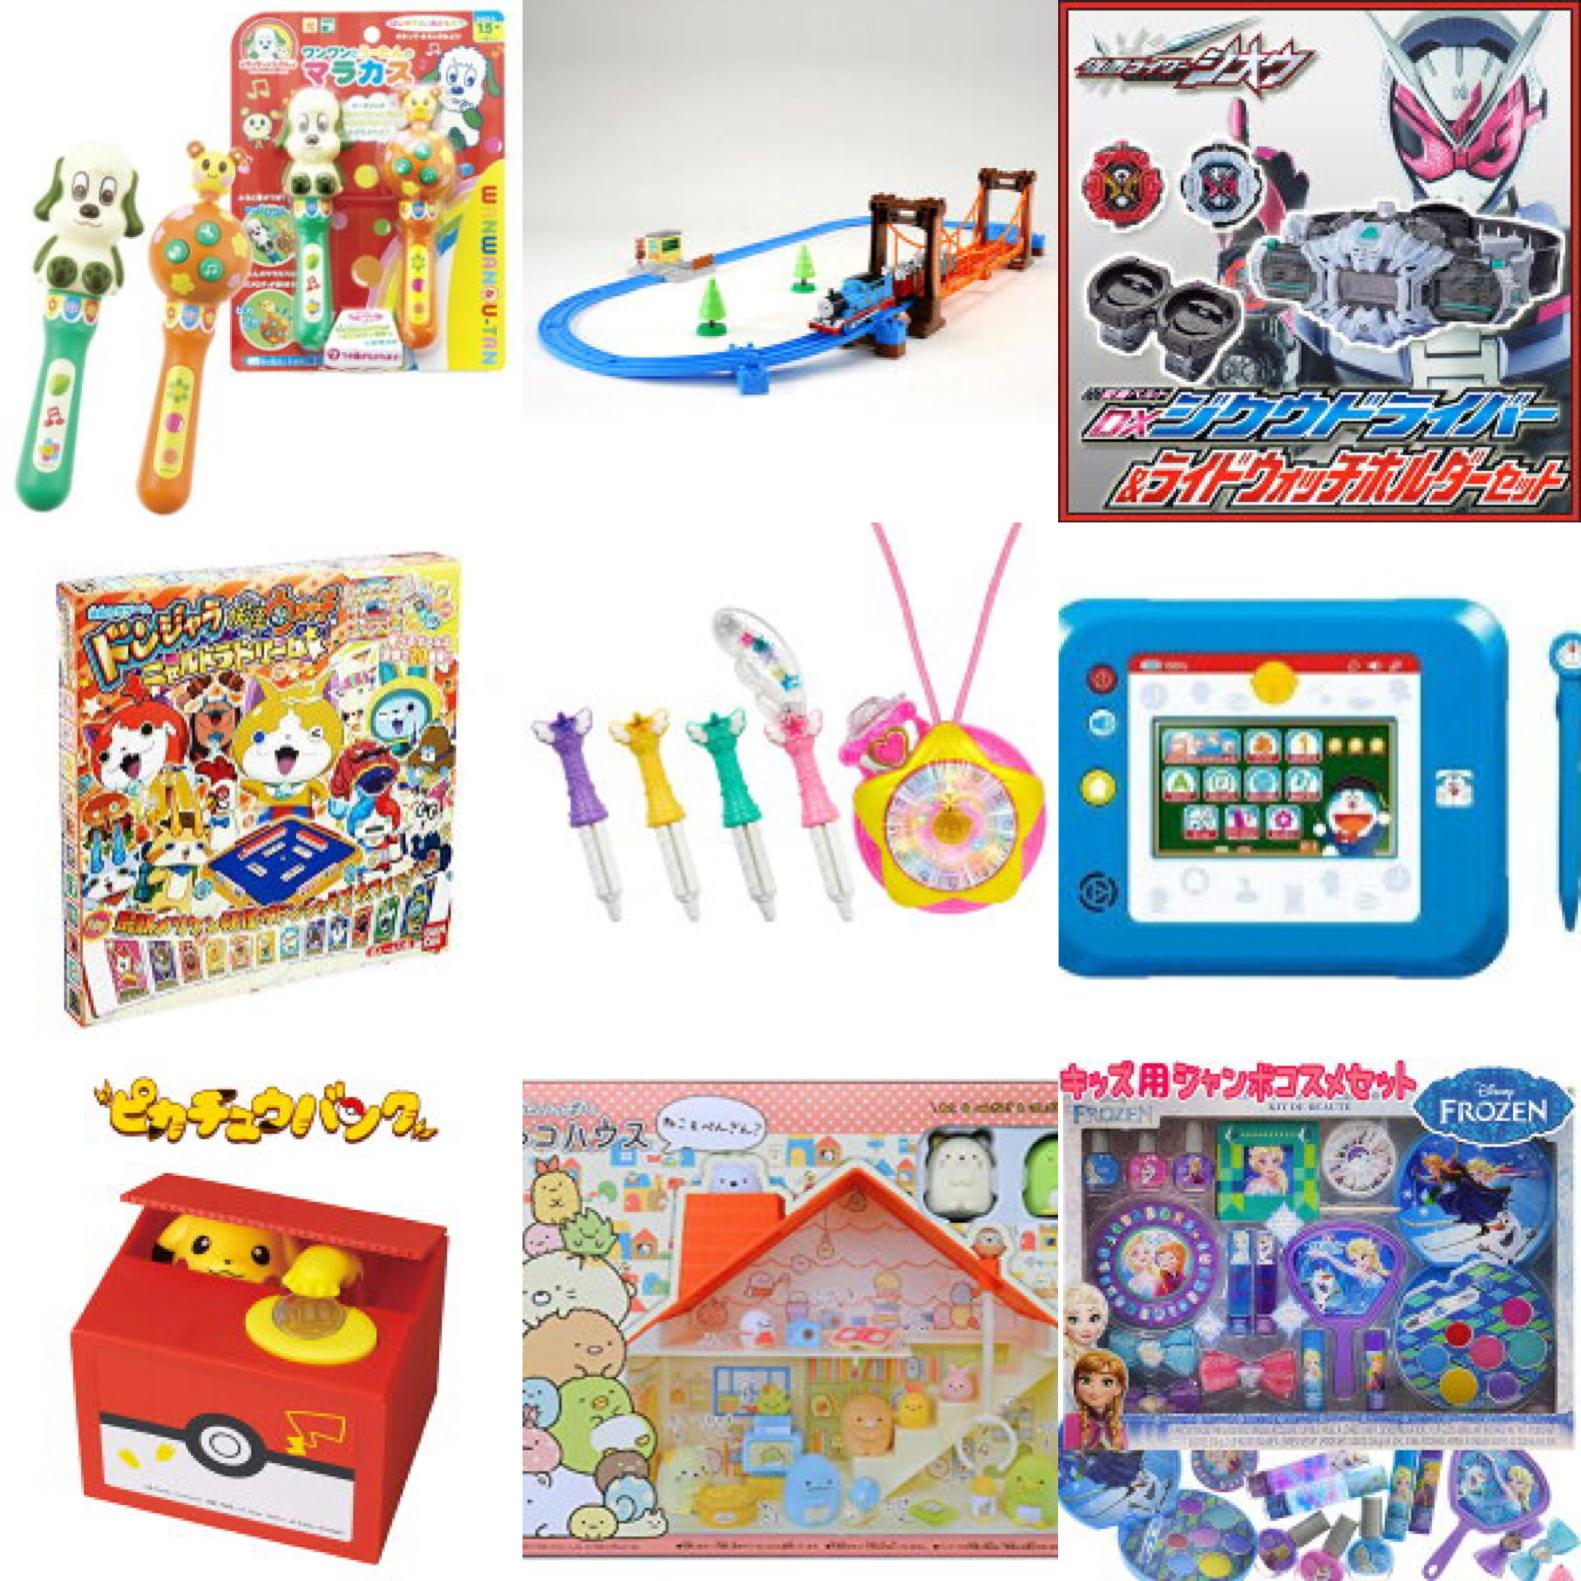 子供に人気のキャラクターおもちゃは?小学生から未就園児まで年齢・性別ごとに紹介